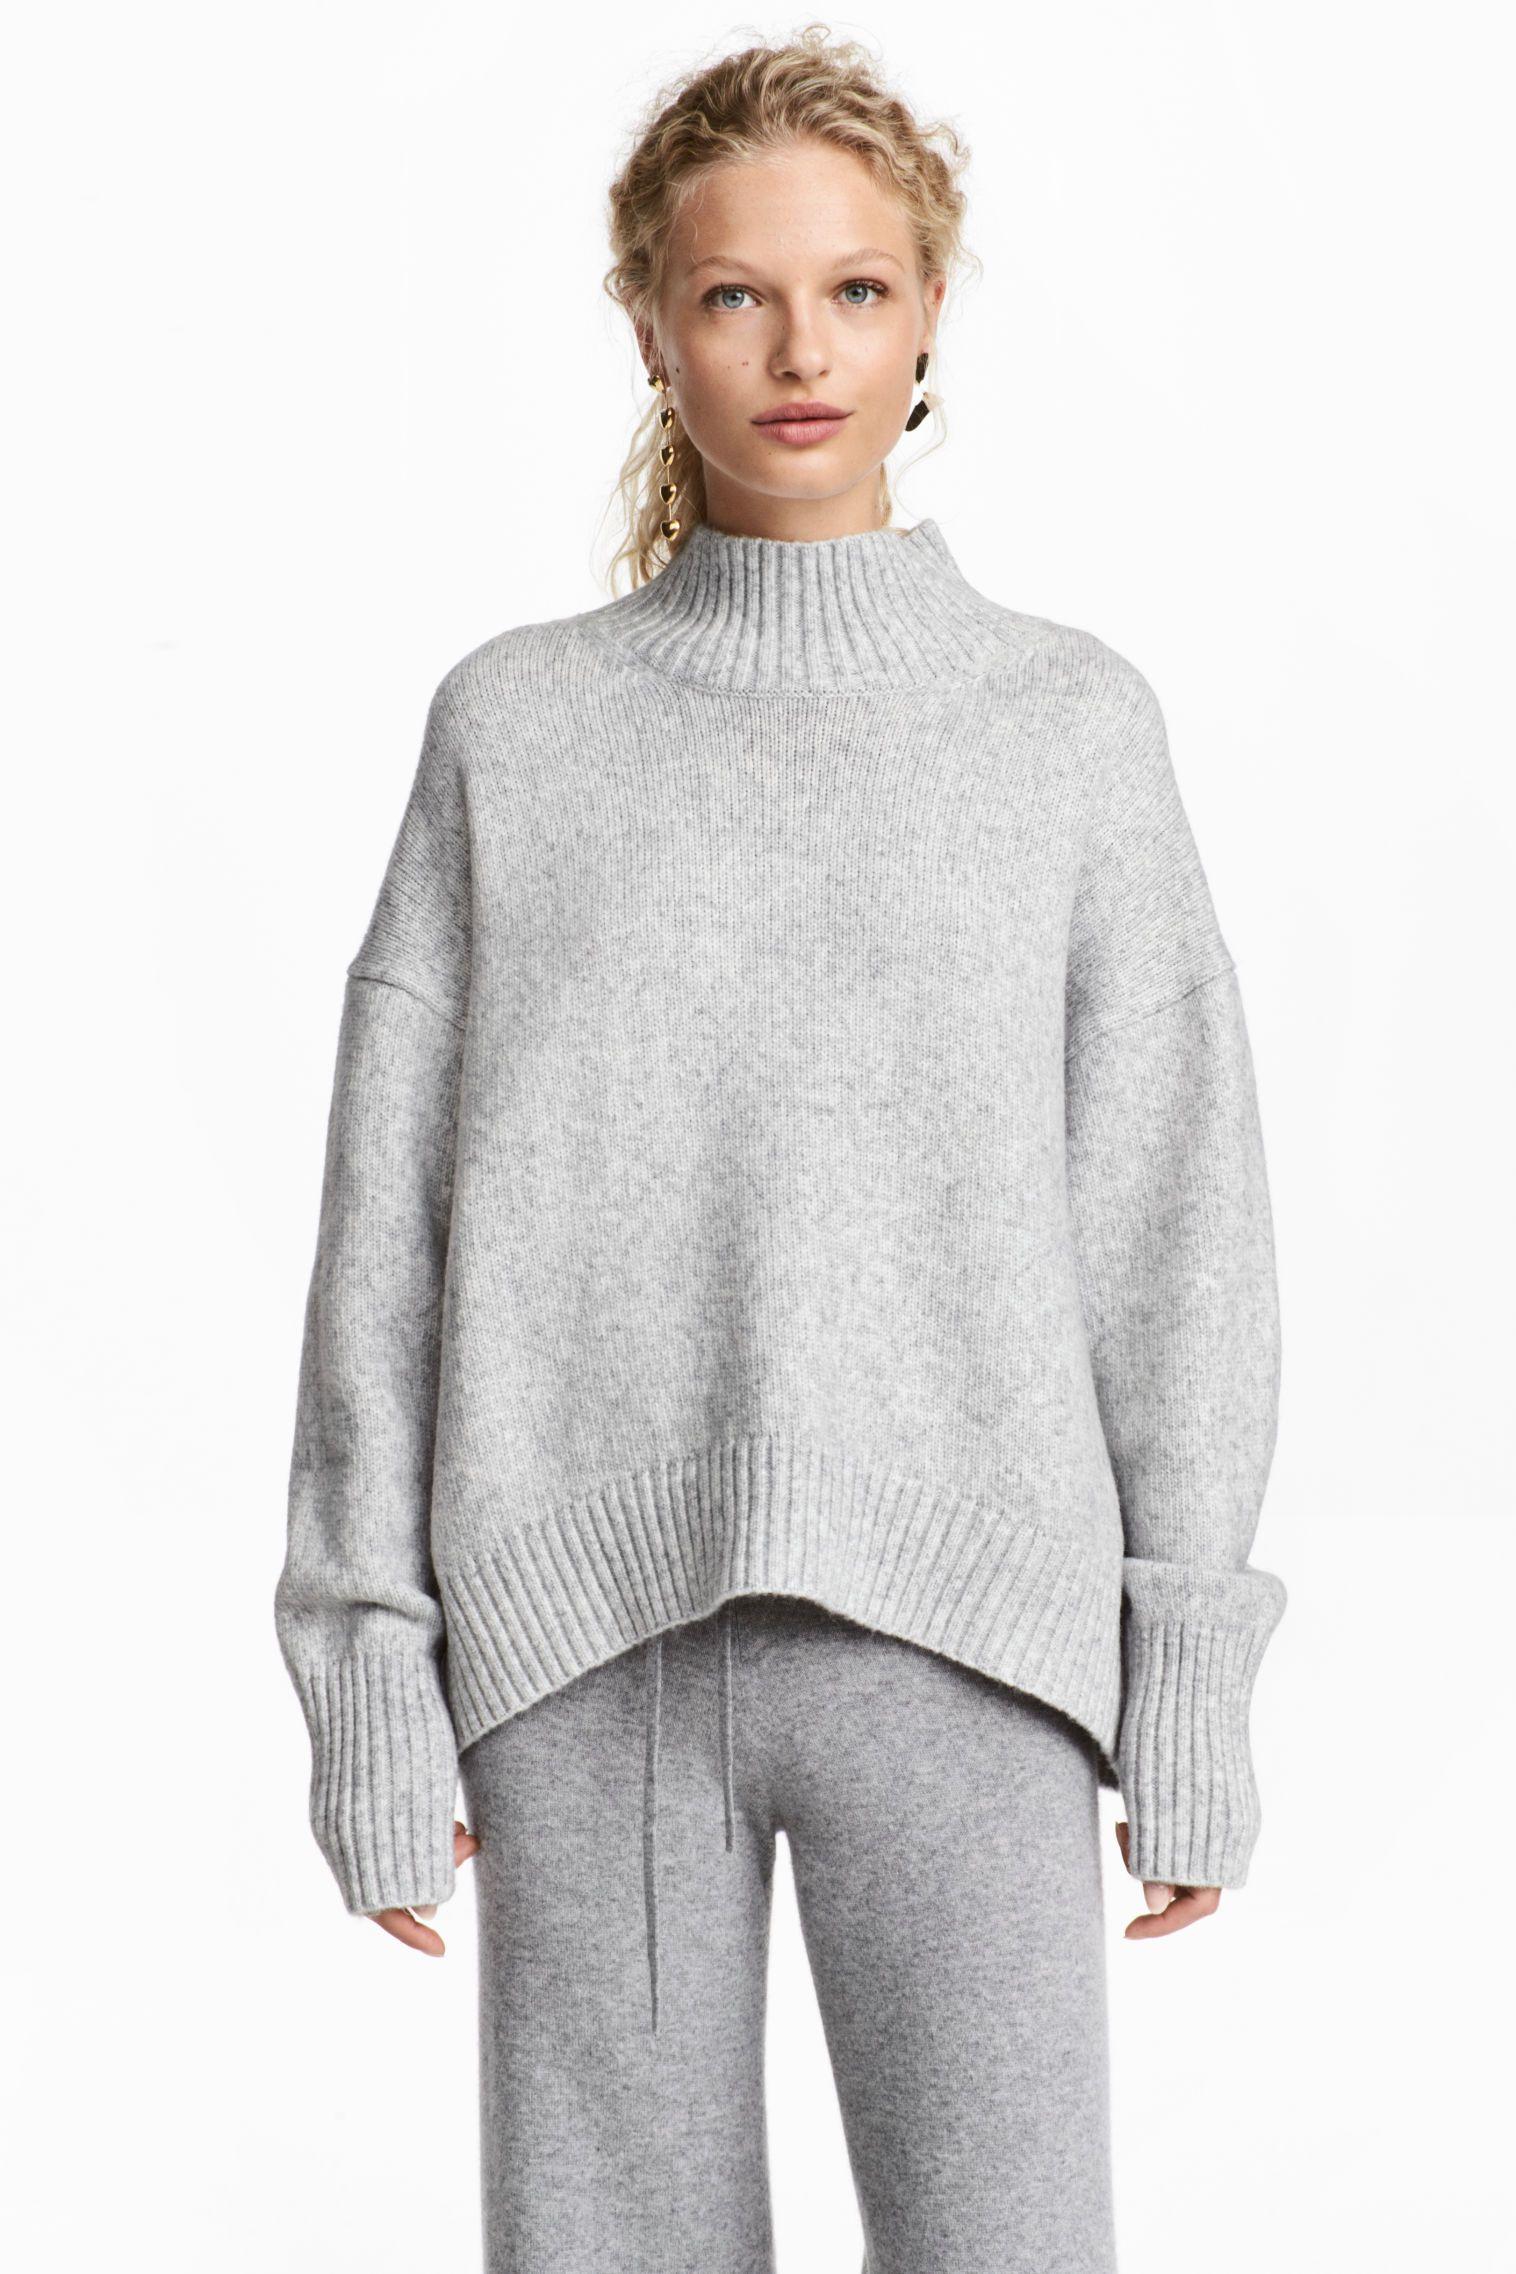 Jersey de punto y cuello alto | fall trends 17 | Pinterest ...